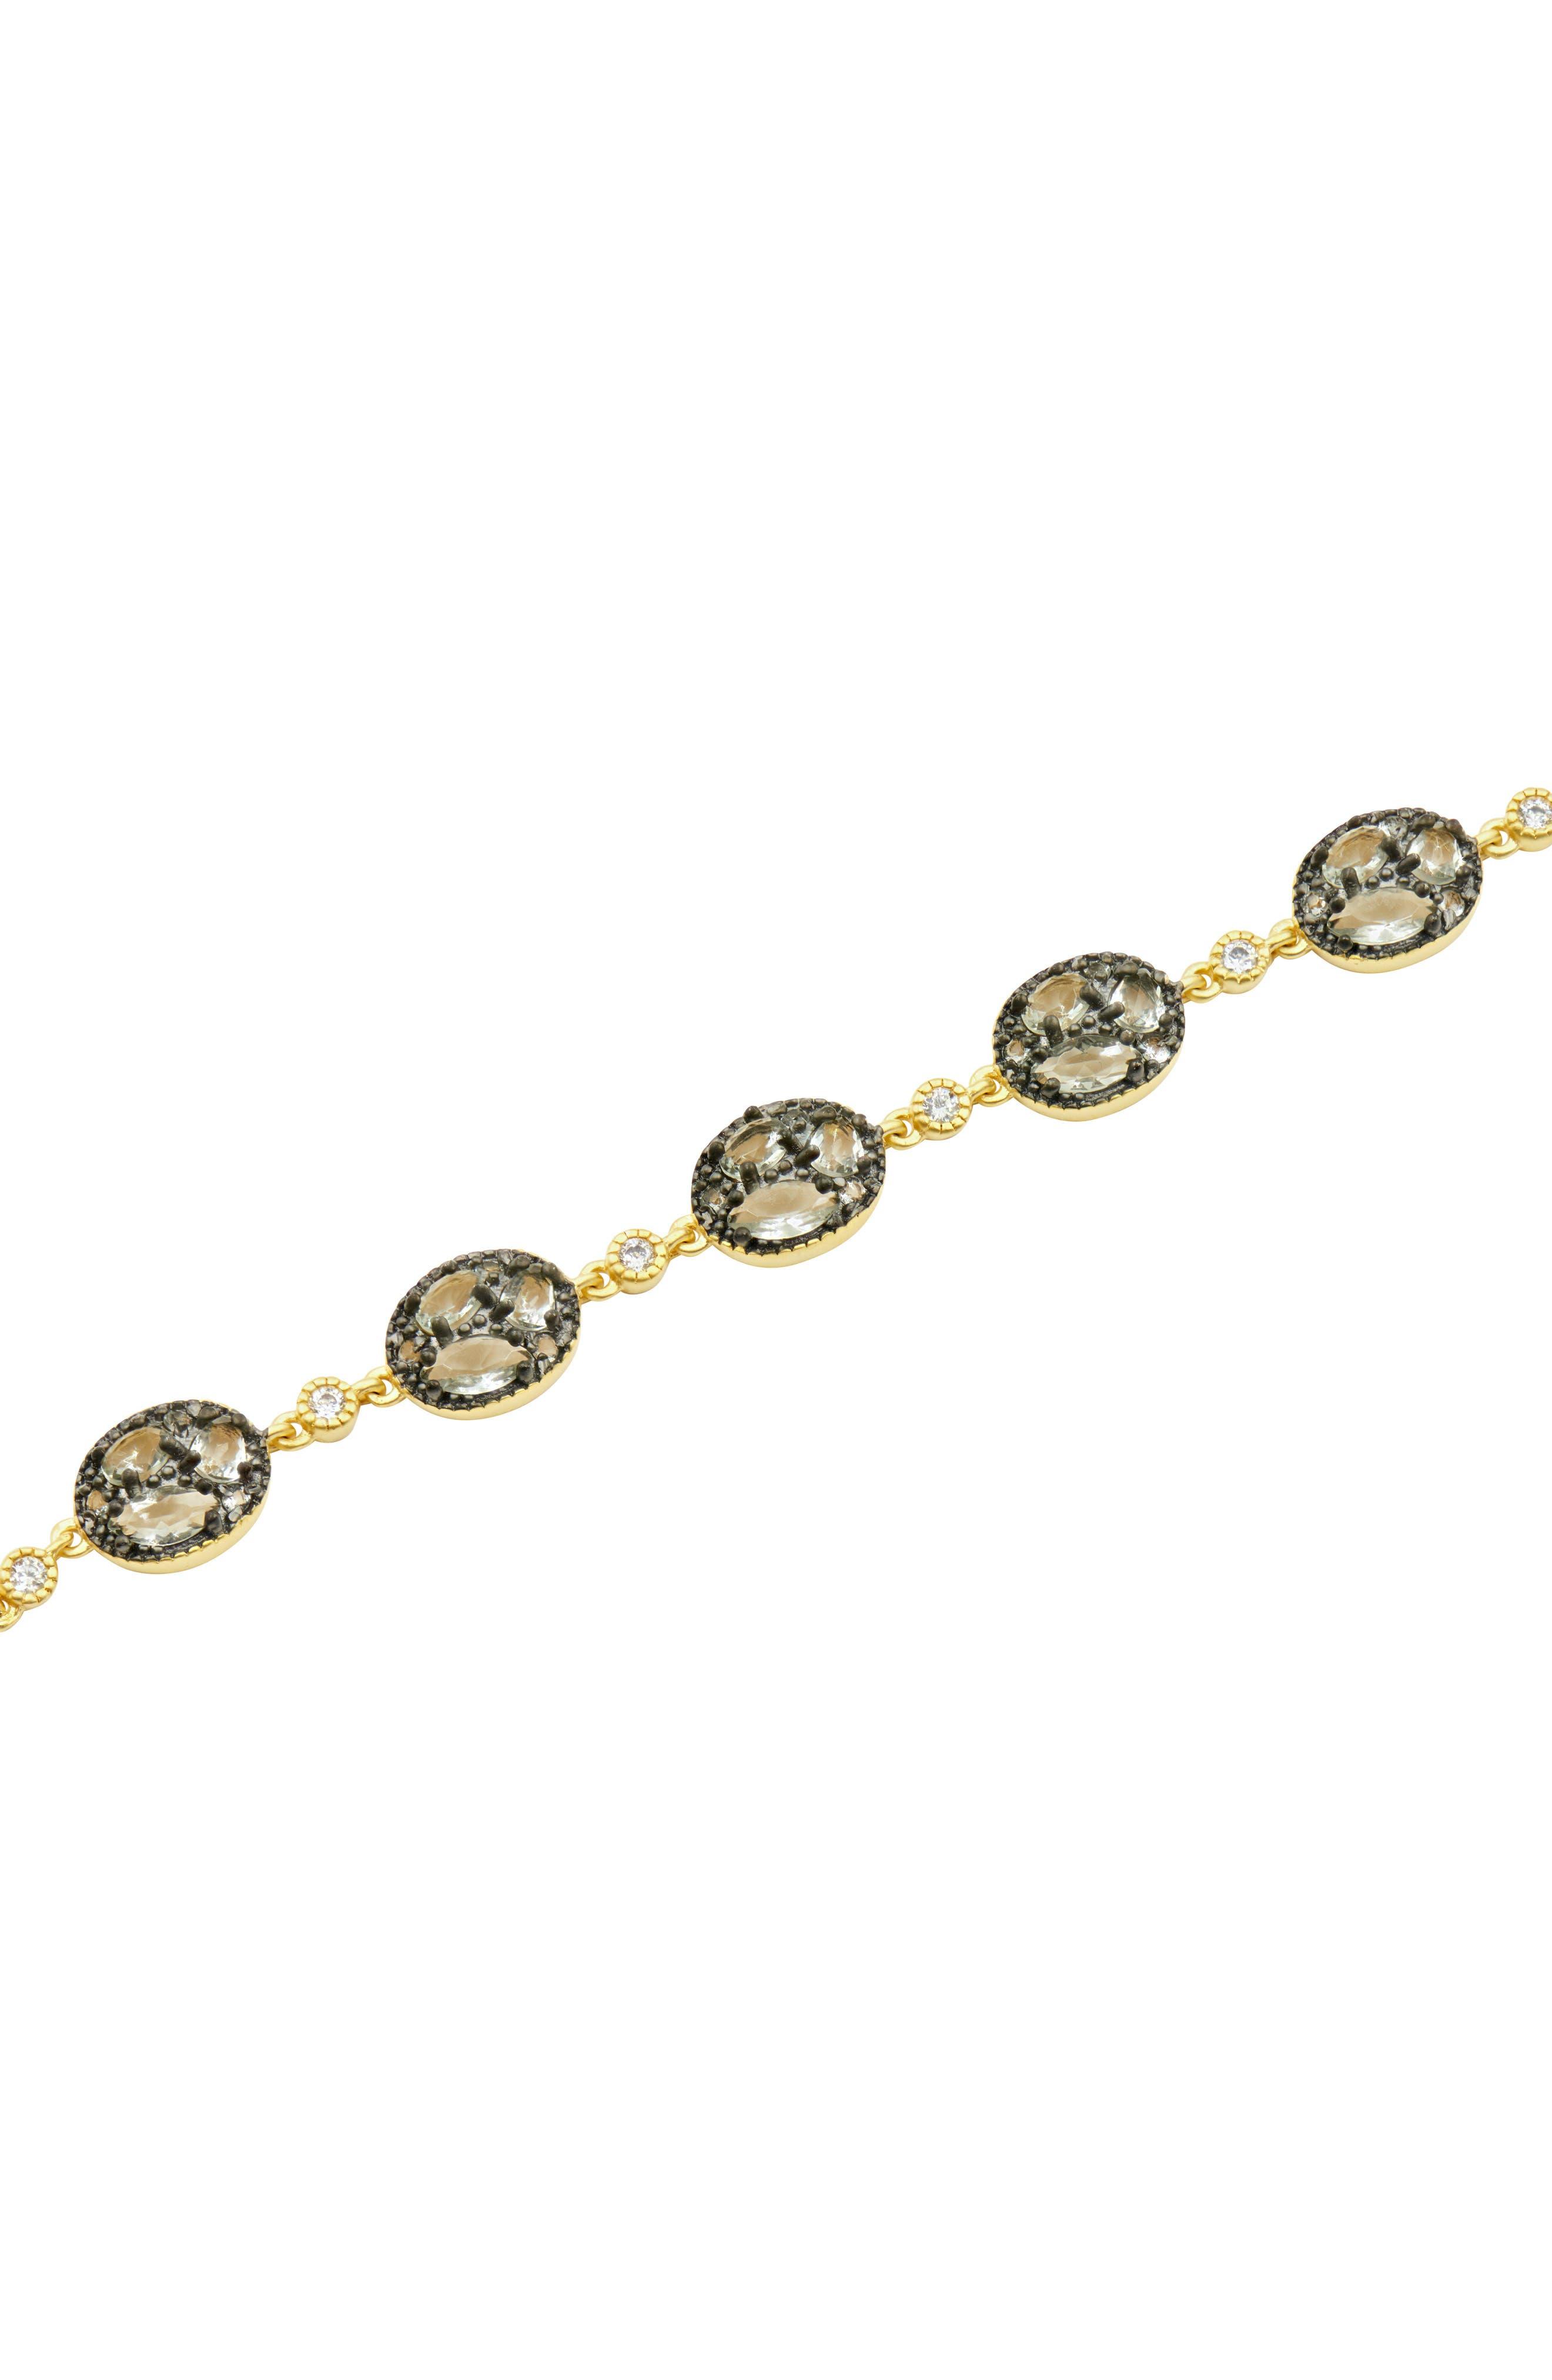 Rose Dor Line Bracelet,                             Alternate thumbnail 2, color,